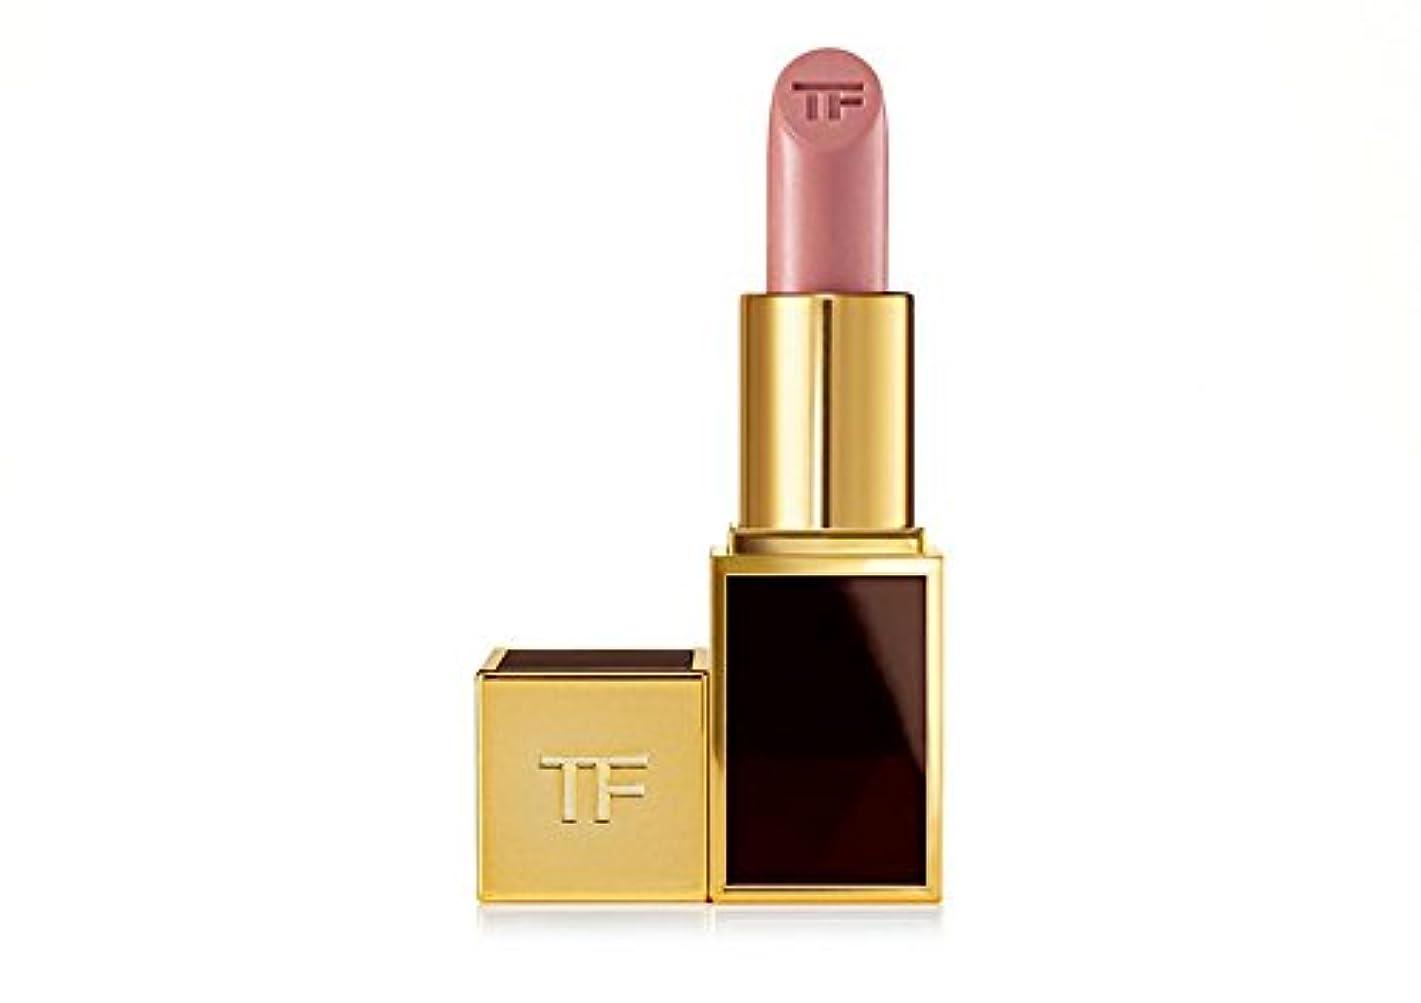 無能人間圧縮トムフォード リップス アンド ボーイズ 12 ピンク リップカラー 口紅 Tom Ford Lipstick Pinks Lip Color Lips and Boys (#17 Flynn フリン) [並行輸入品]